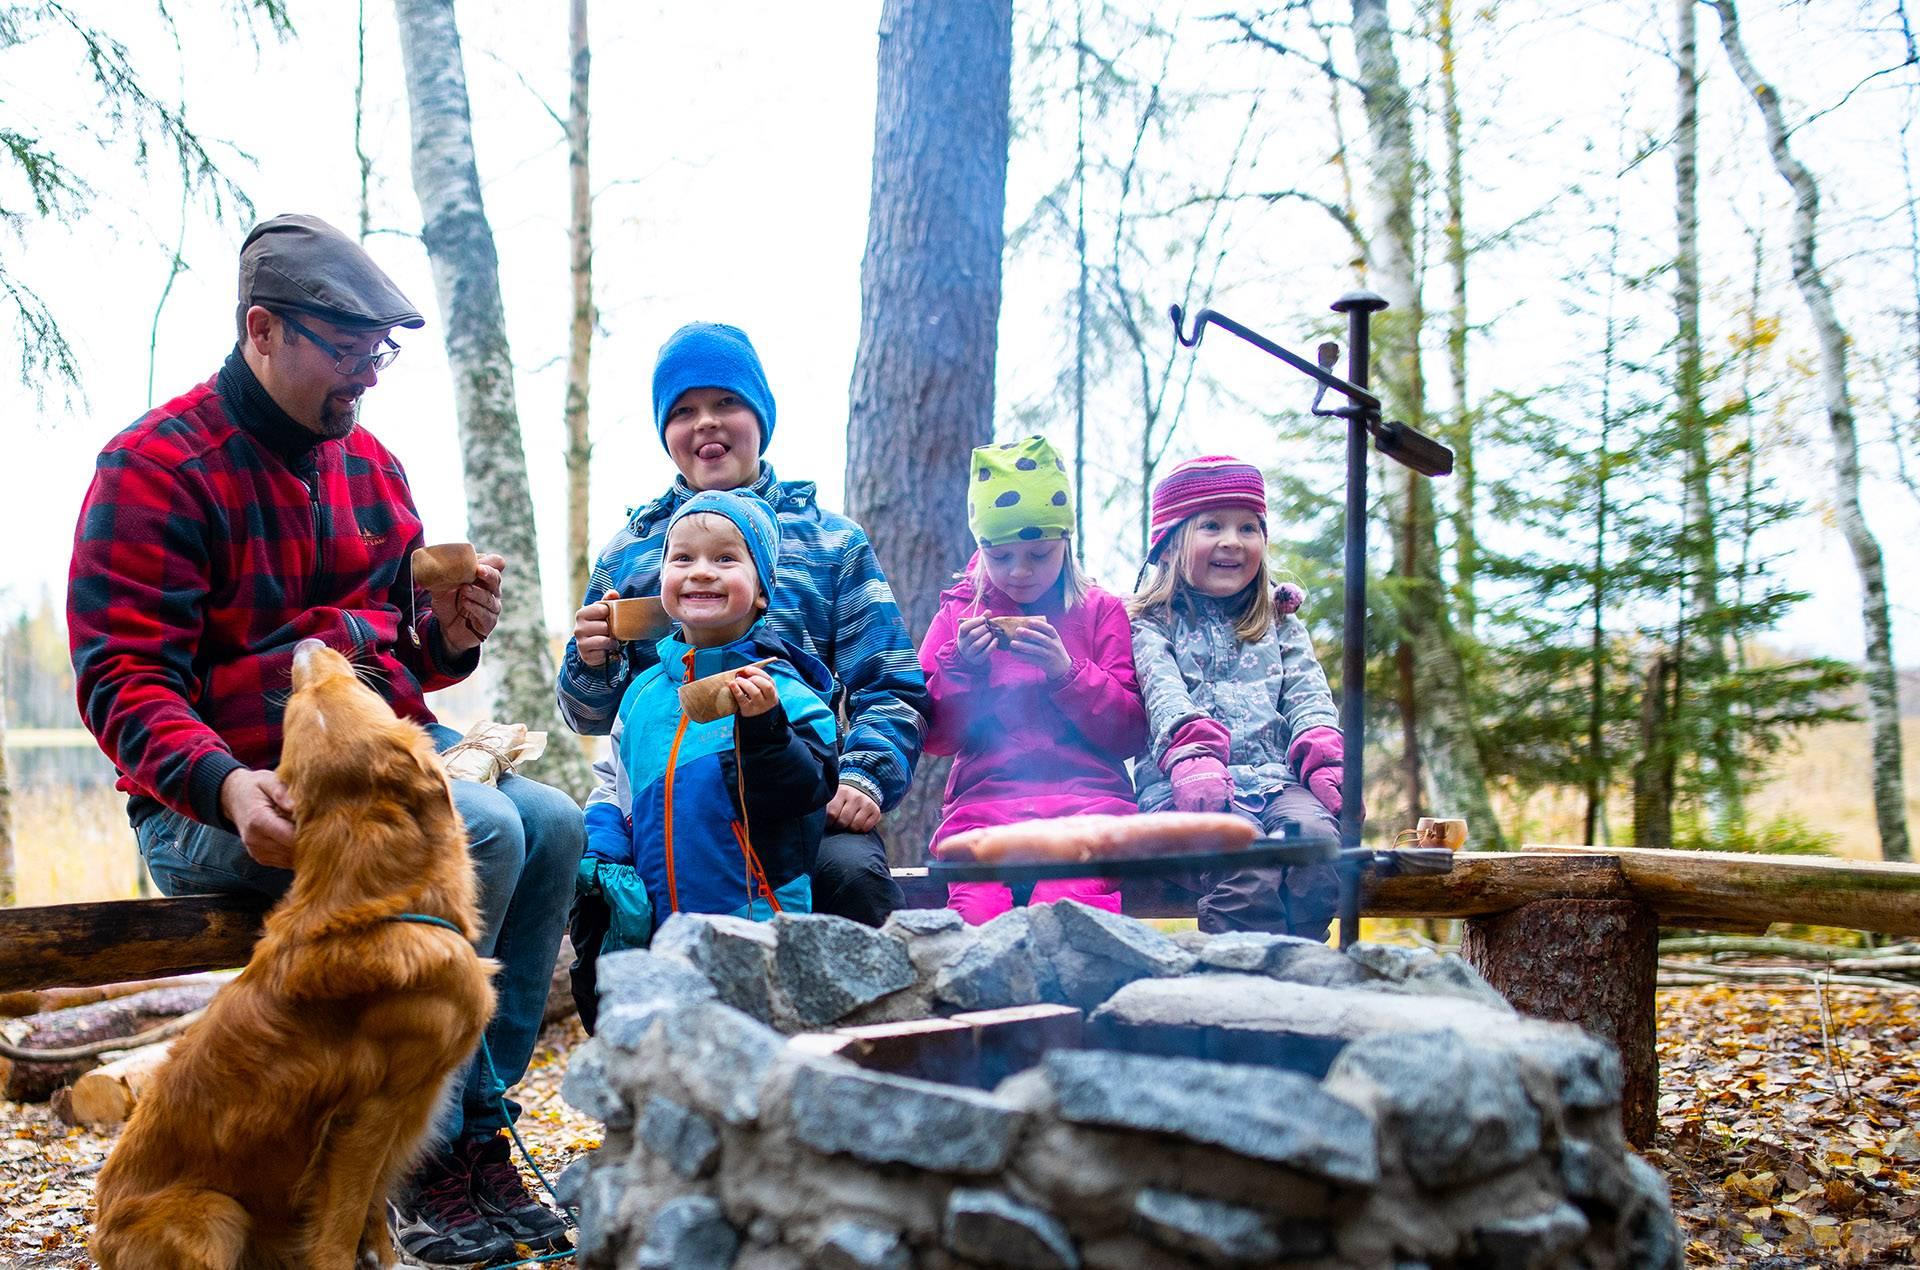 Perhe grillaa makkaraa nuotiopaikalla.